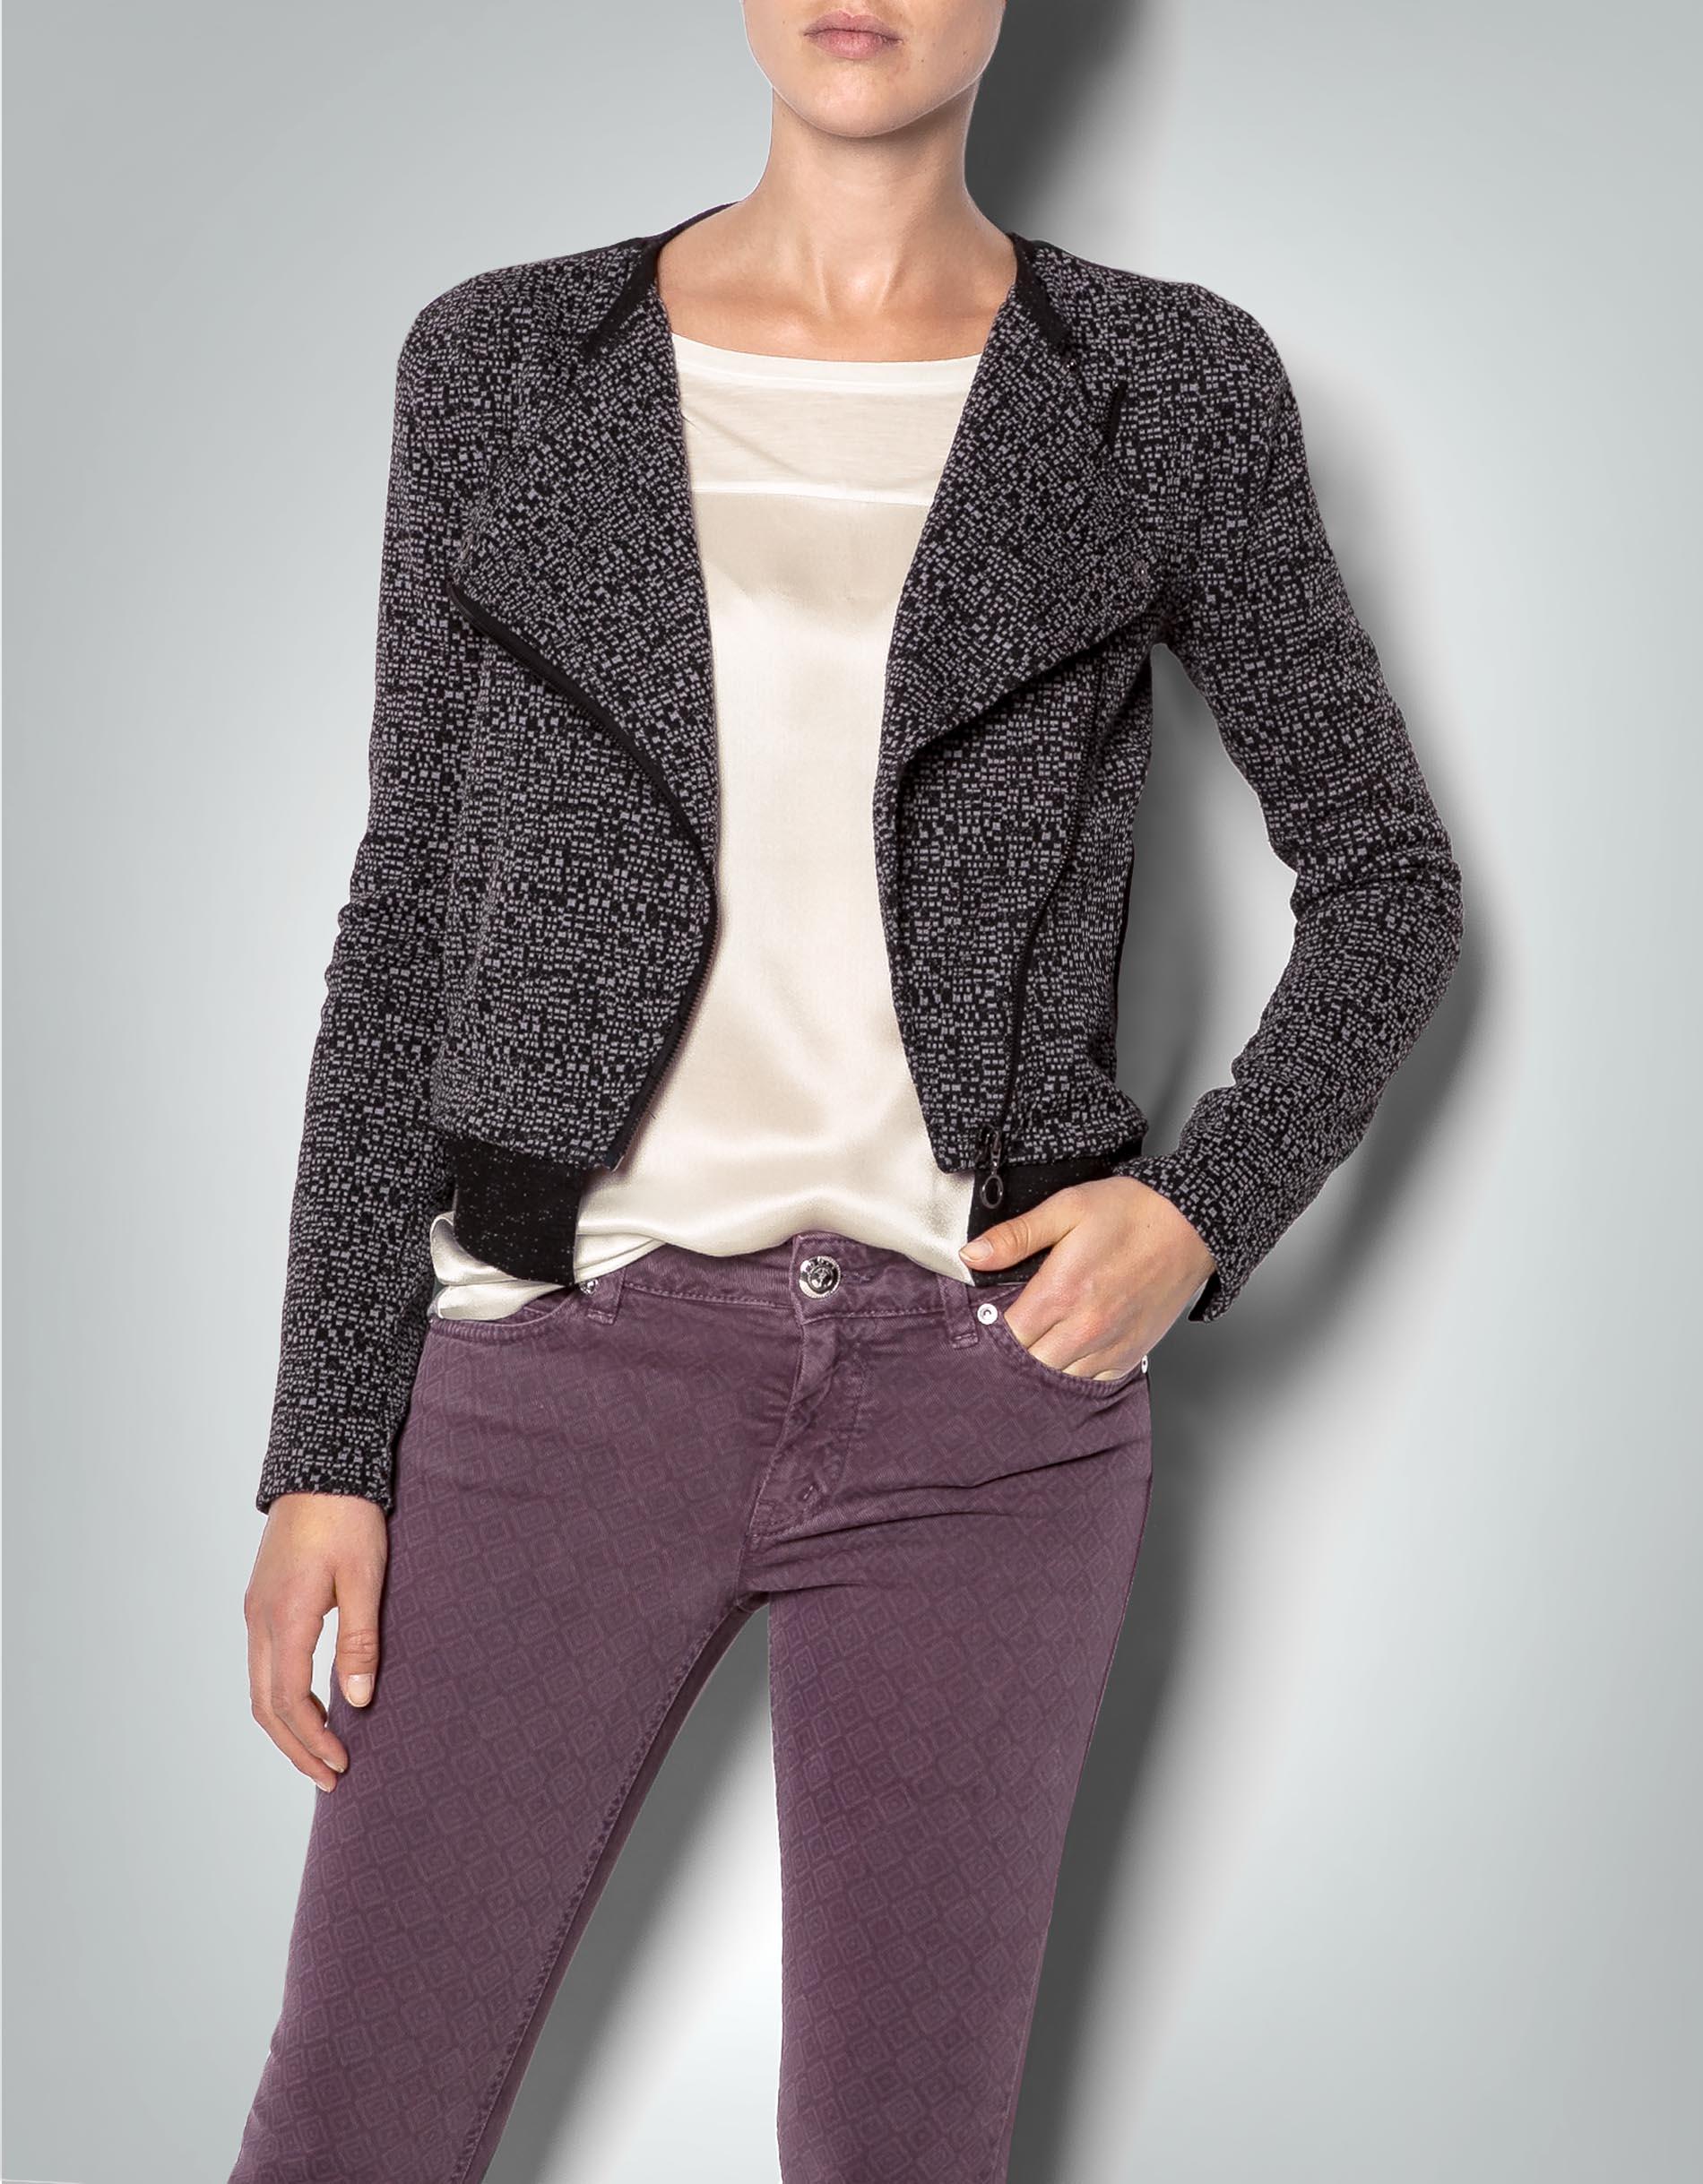 calvin klein jeans damen jacke im blazer style empfohlen von deinen schwestern. Black Bedroom Furniture Sets. Home Design Ideas